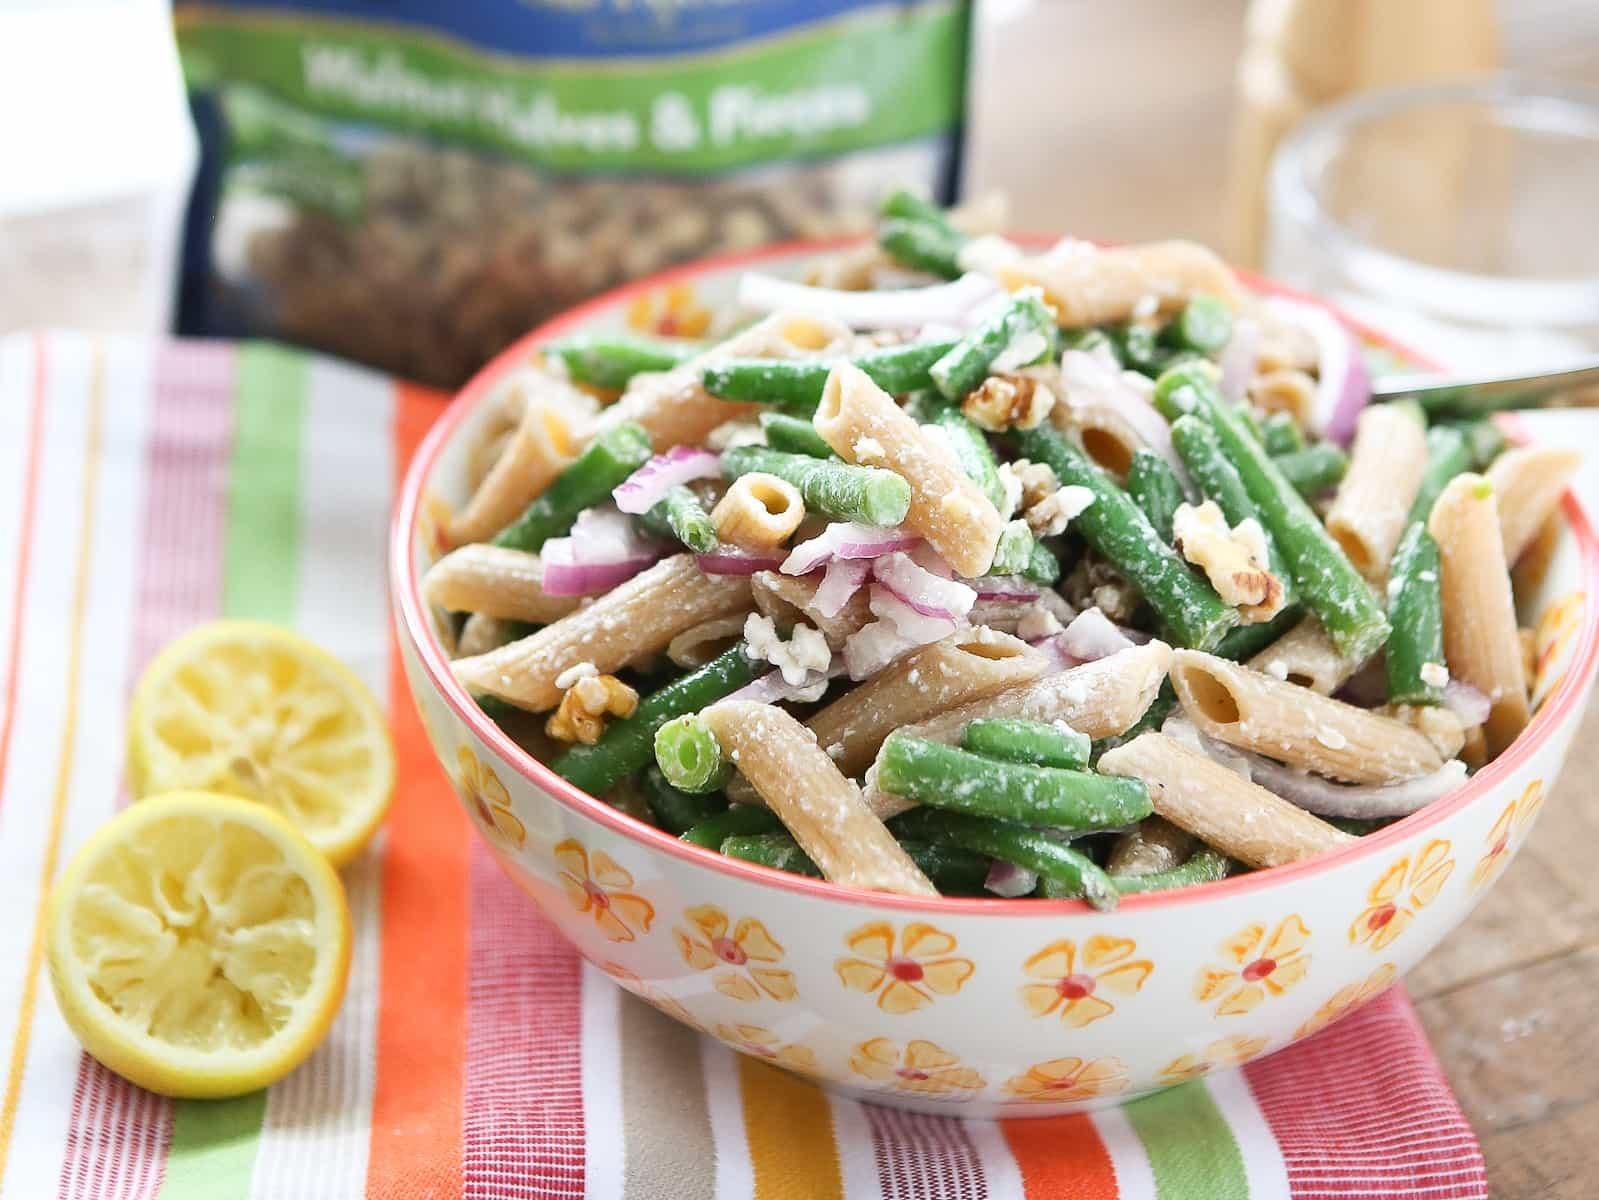 Lemony Green Bean Pasta Salad with Walnuts